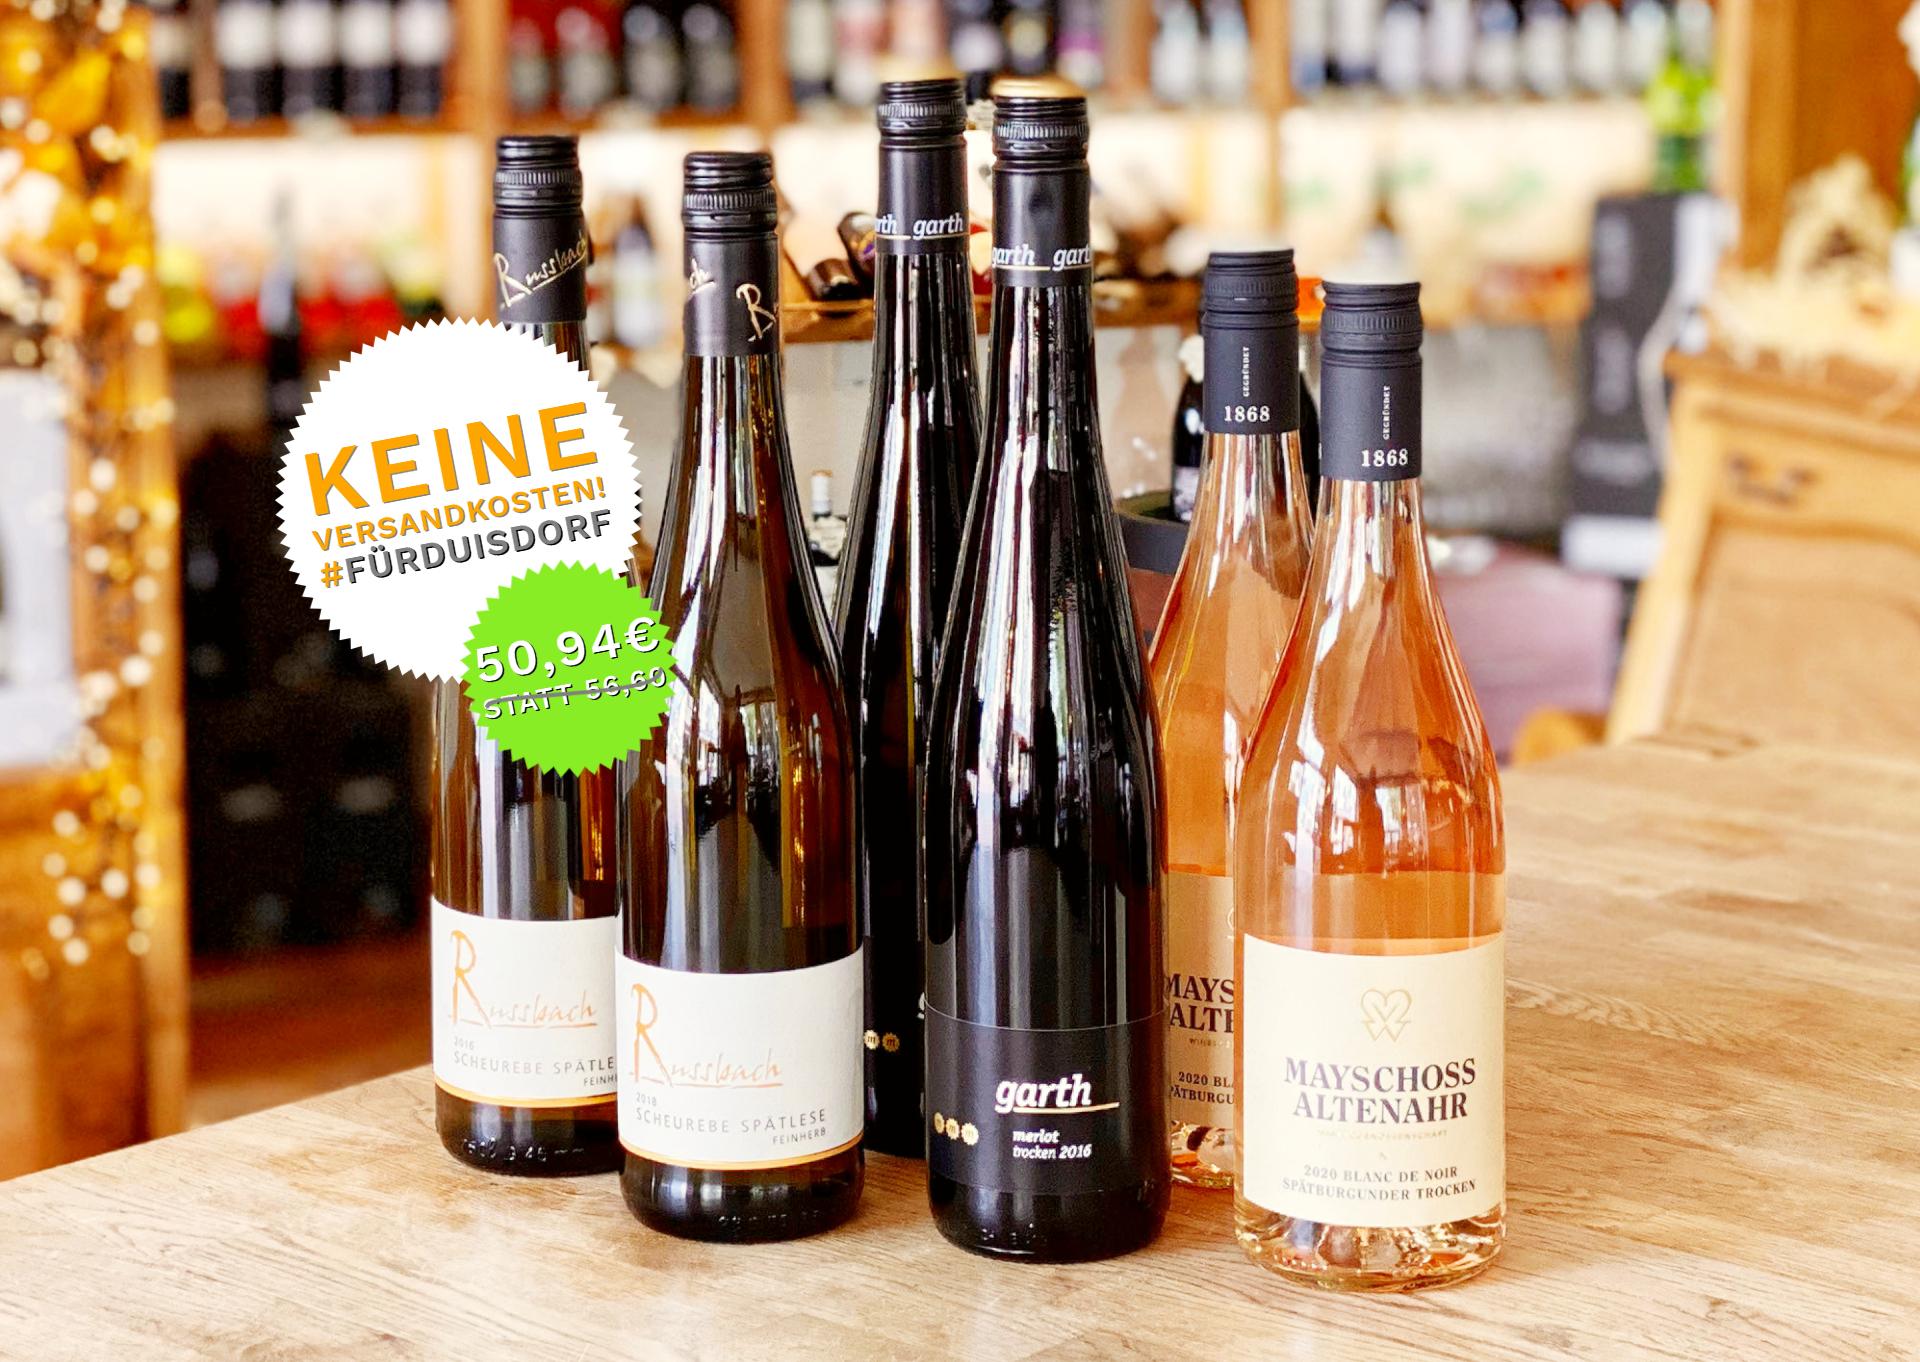 6 Flaschen beliebter Weine aus der Region